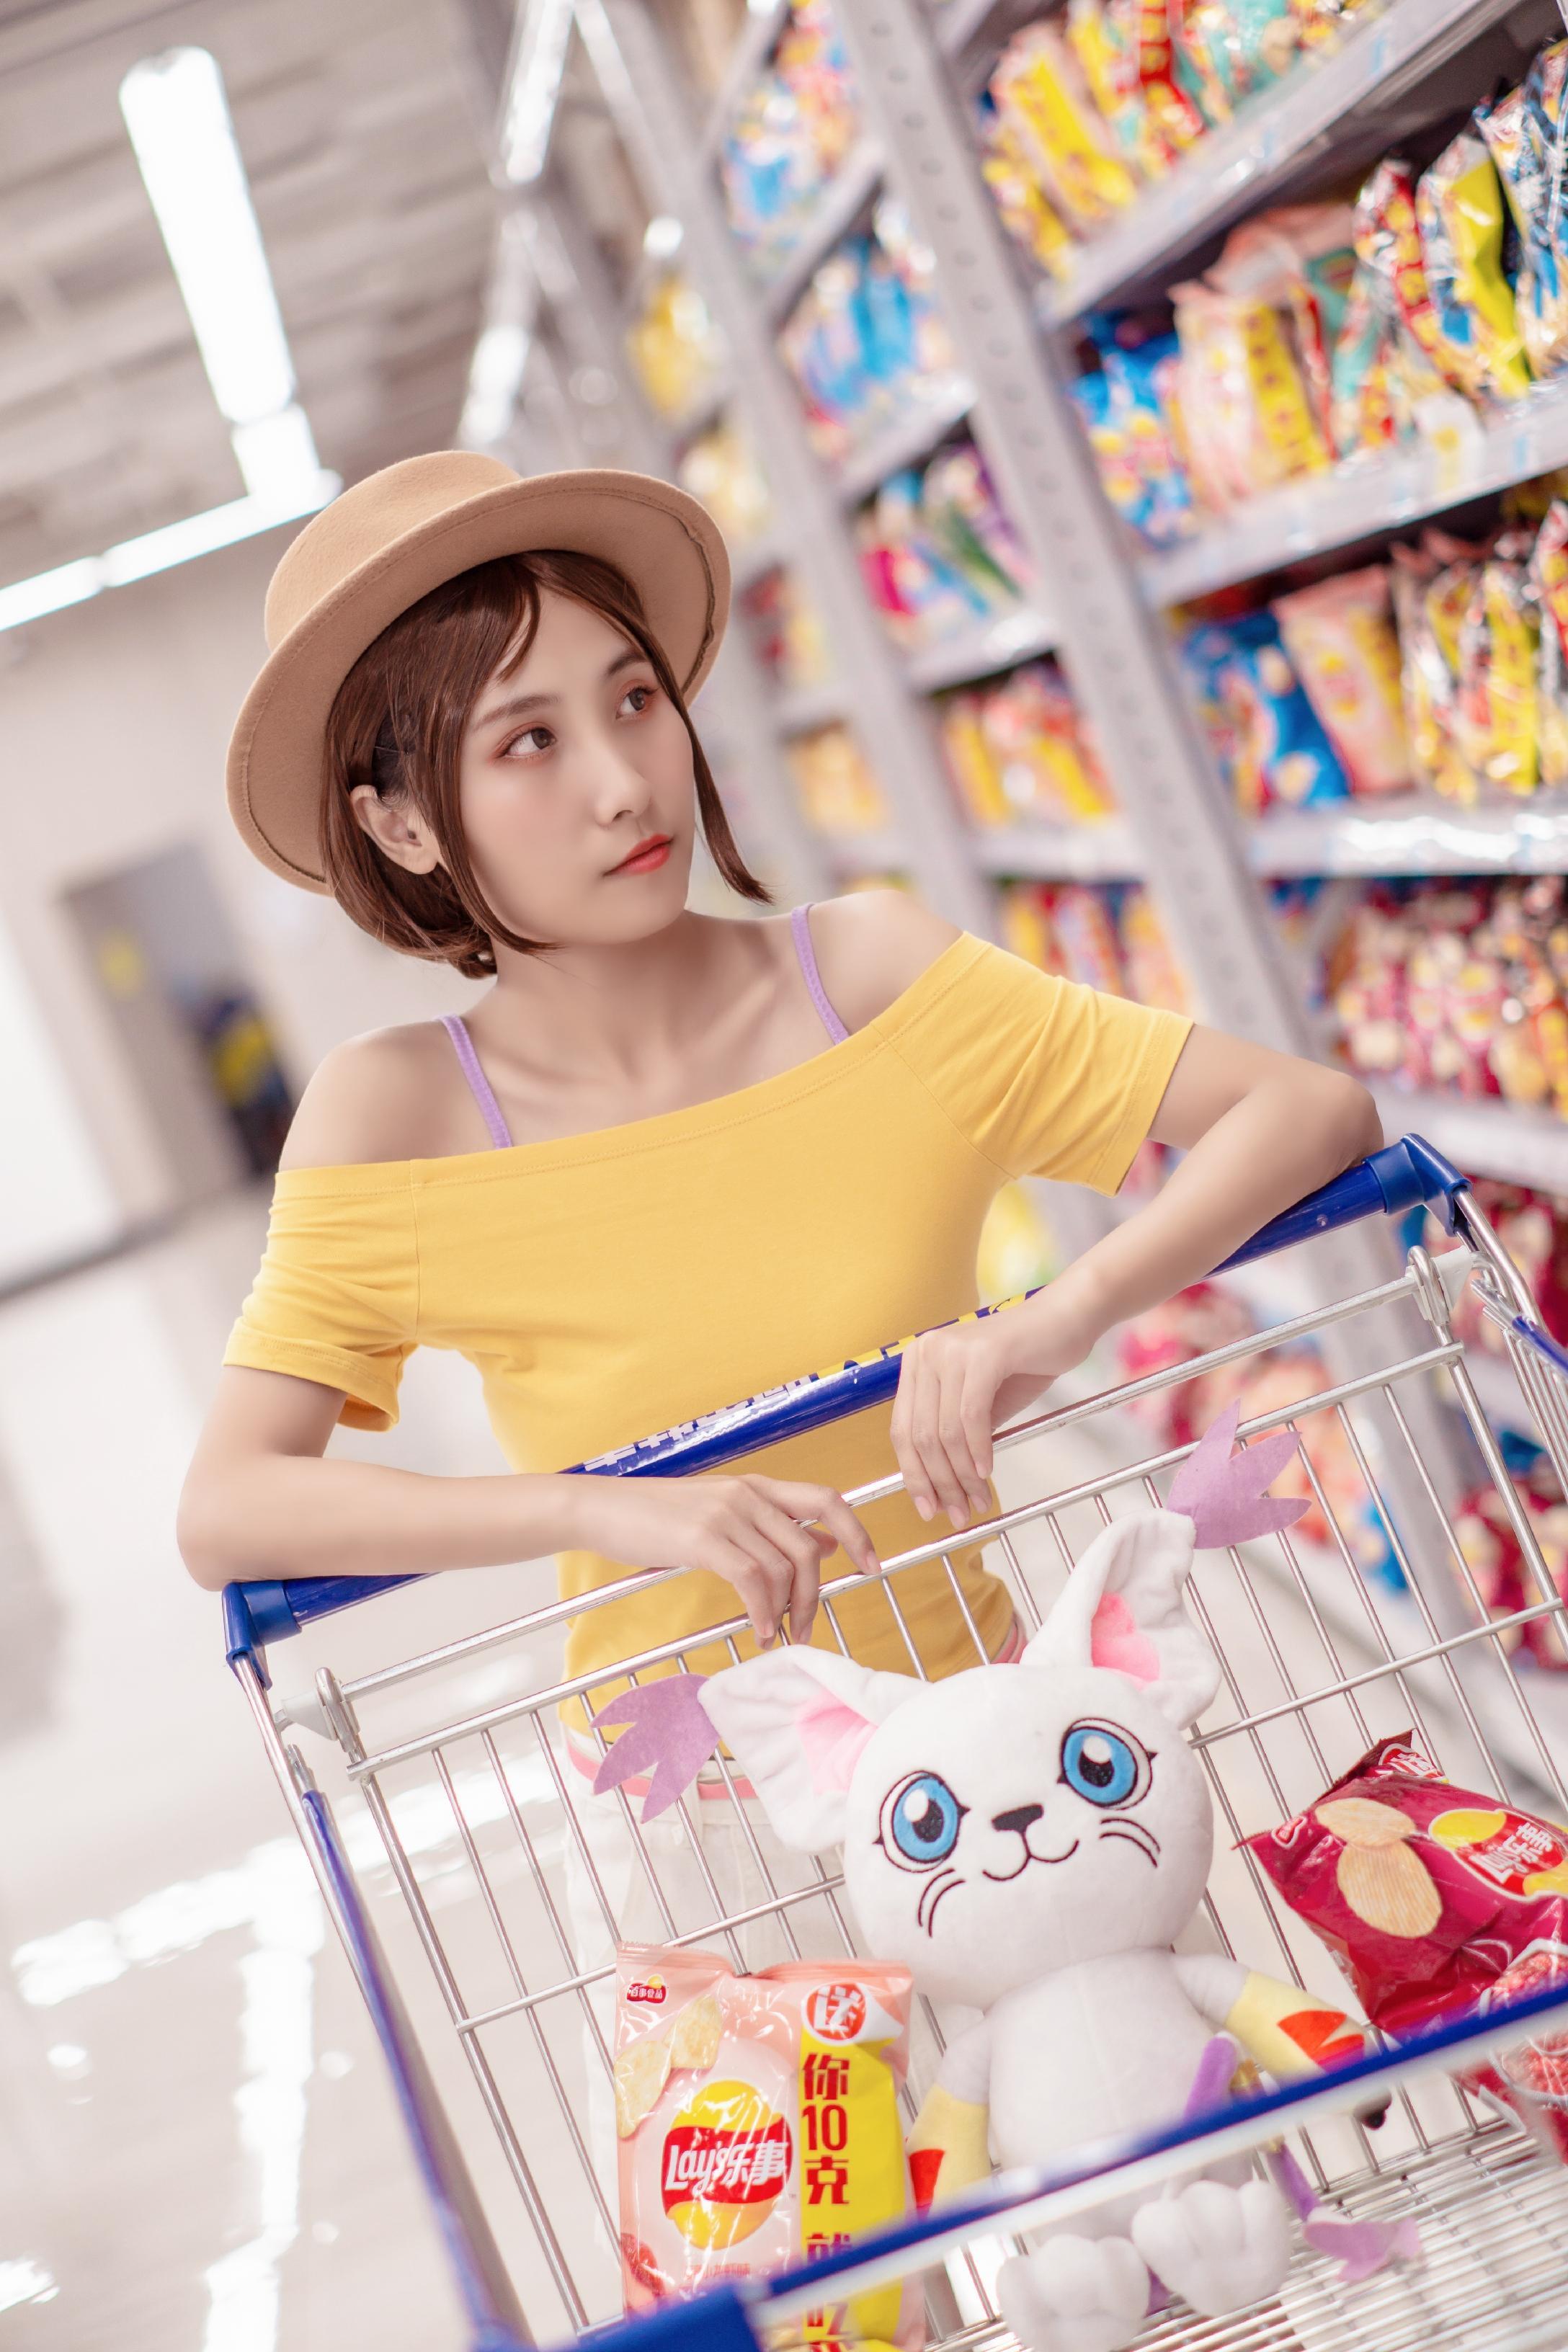 《数码宝贝》正片cosplay【CN:竹涧林洇】-第4张